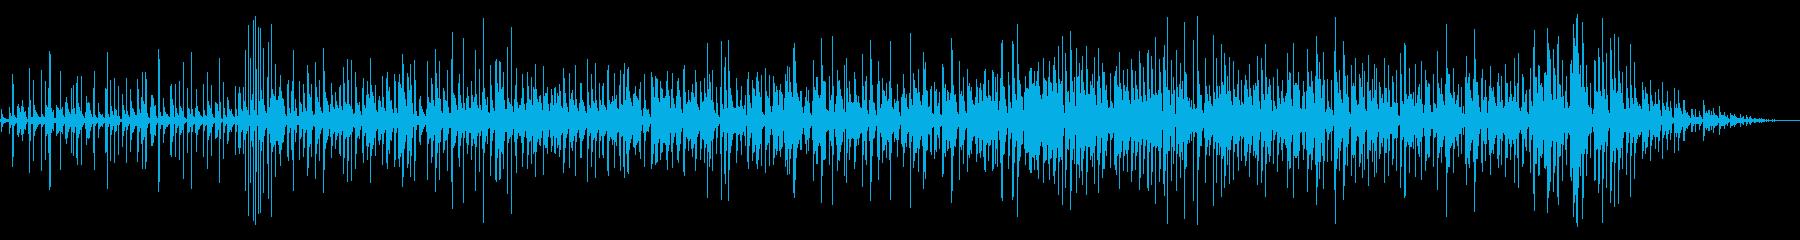 軽快なラテンのノリでポップなカリンバをの再生済みの波形